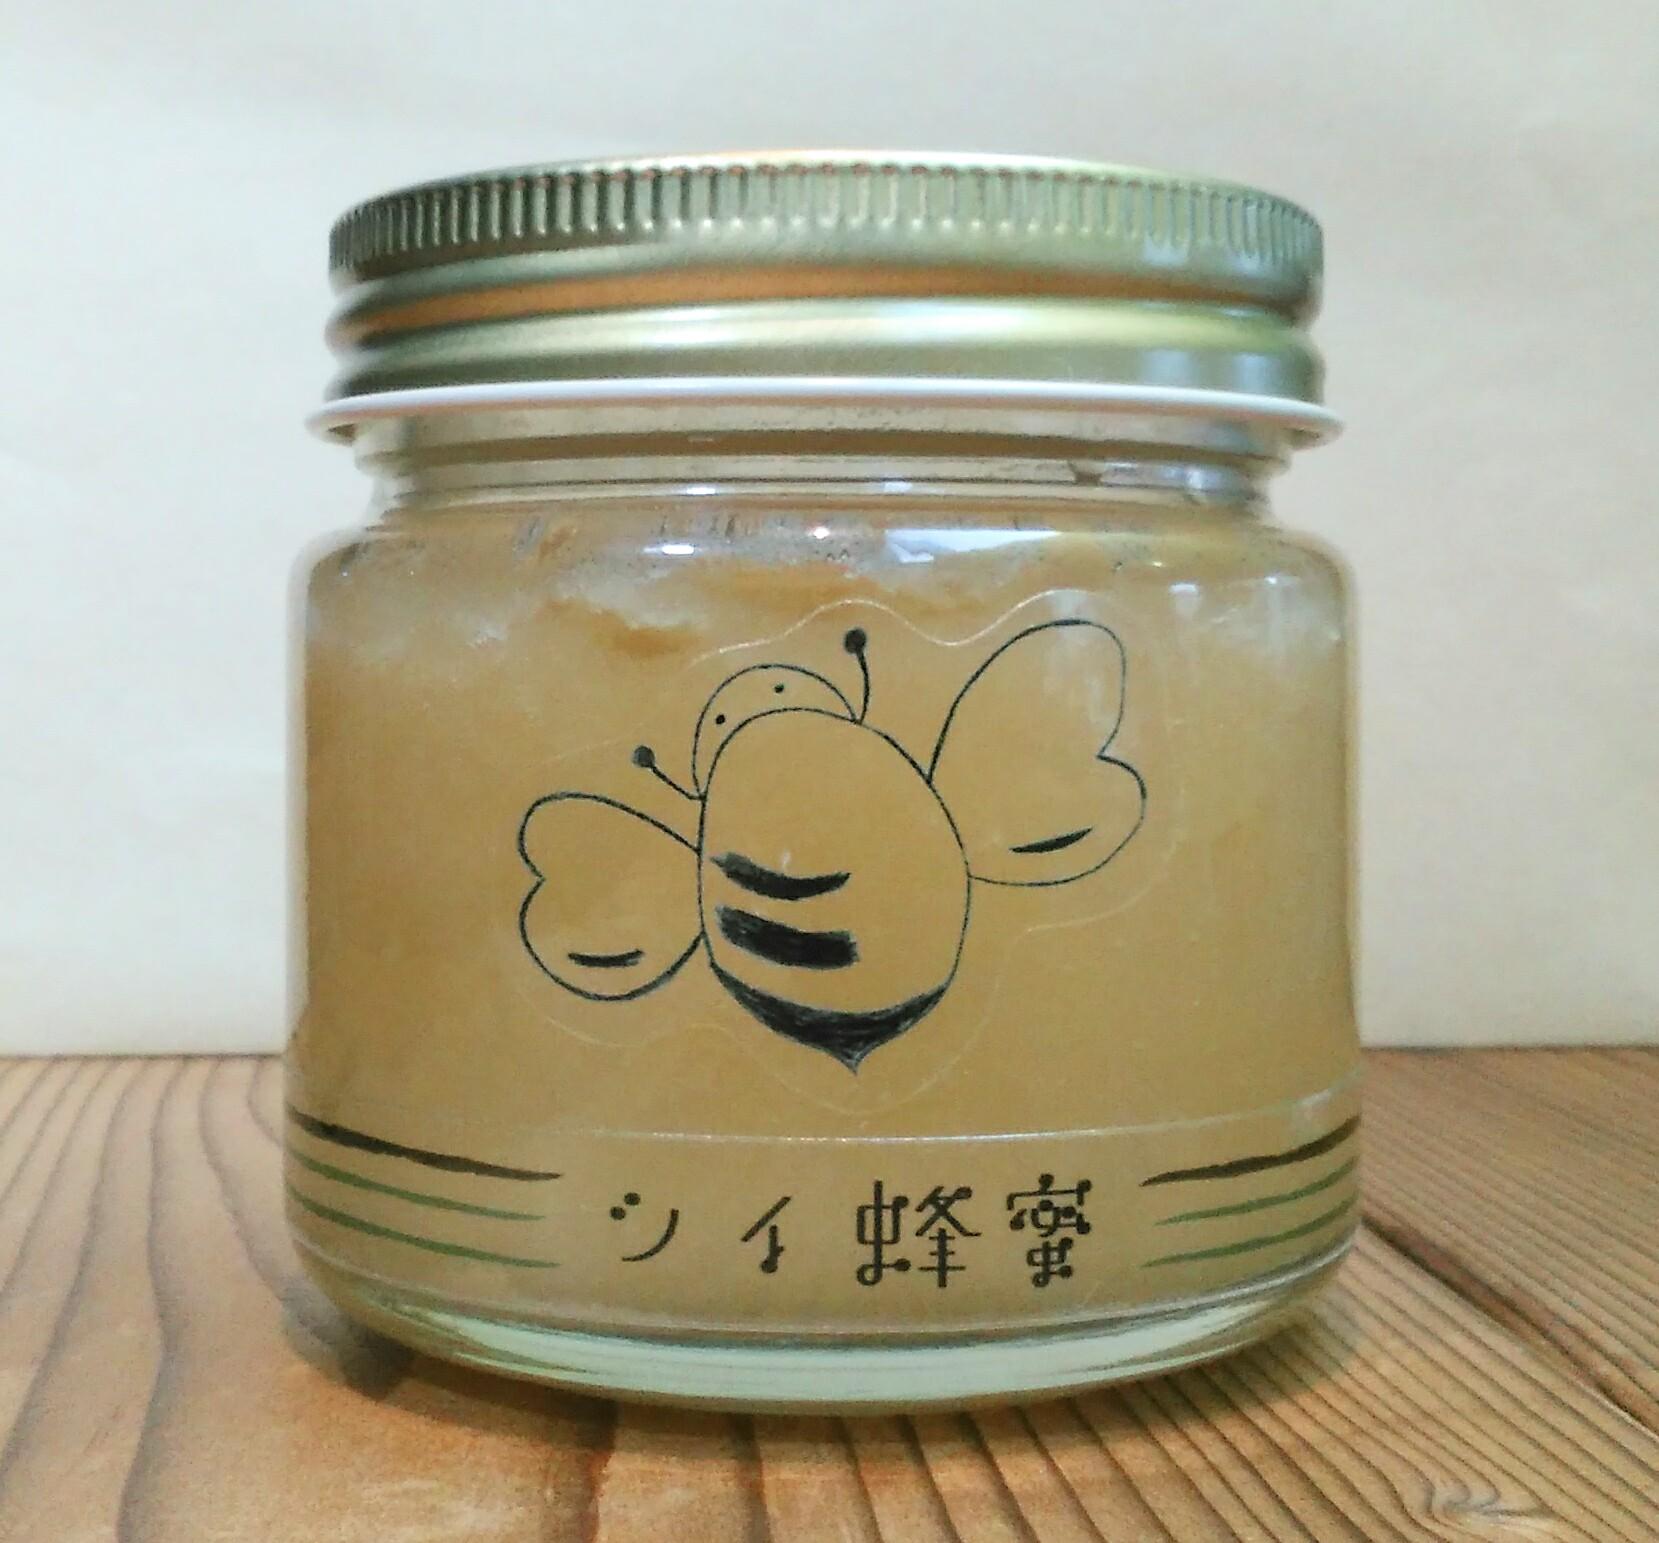 ☆結晶蜂蜜☆藤沢産 シイ蜂蜜150g画像